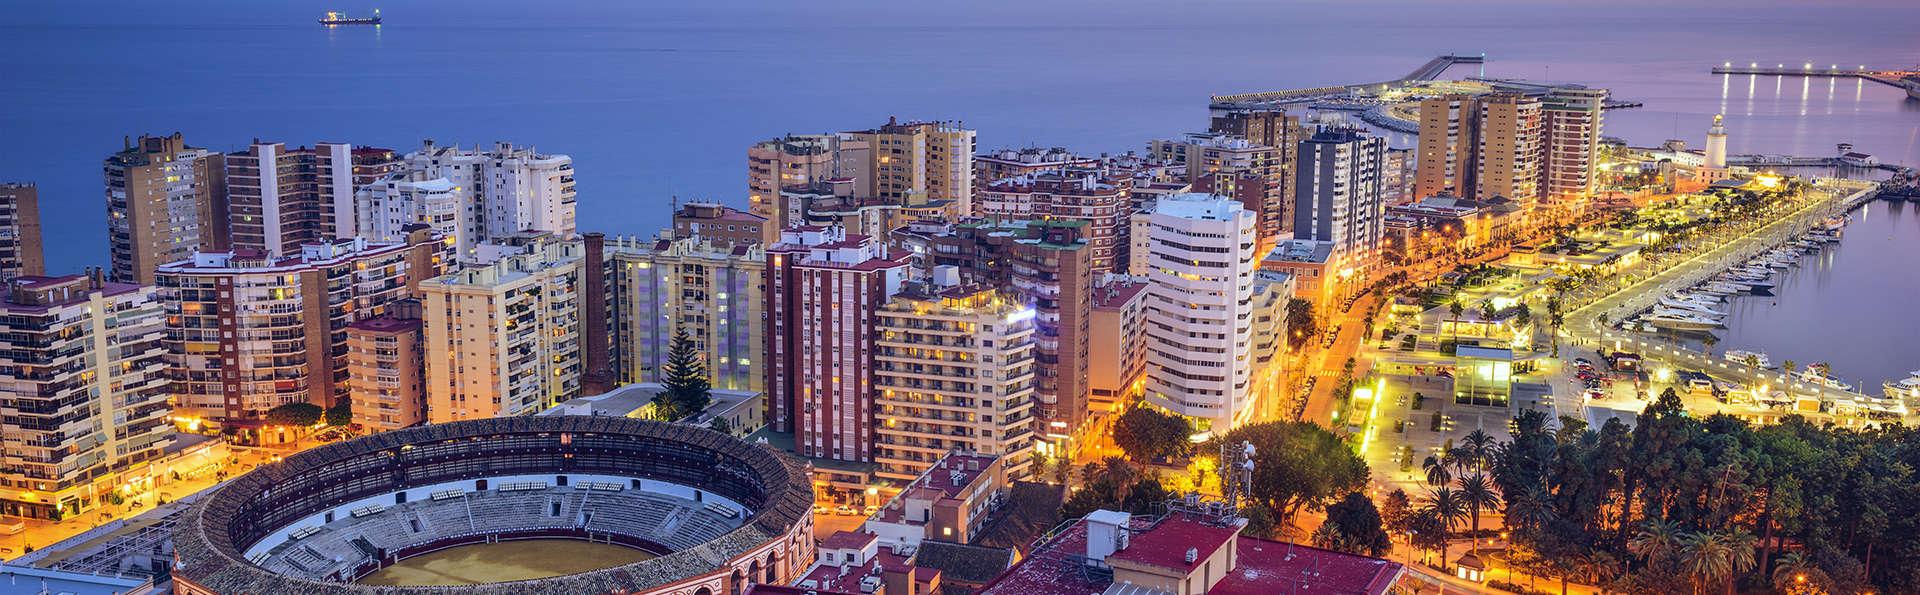 Séjournez à Malaga à quelques minutes de la calle Larios